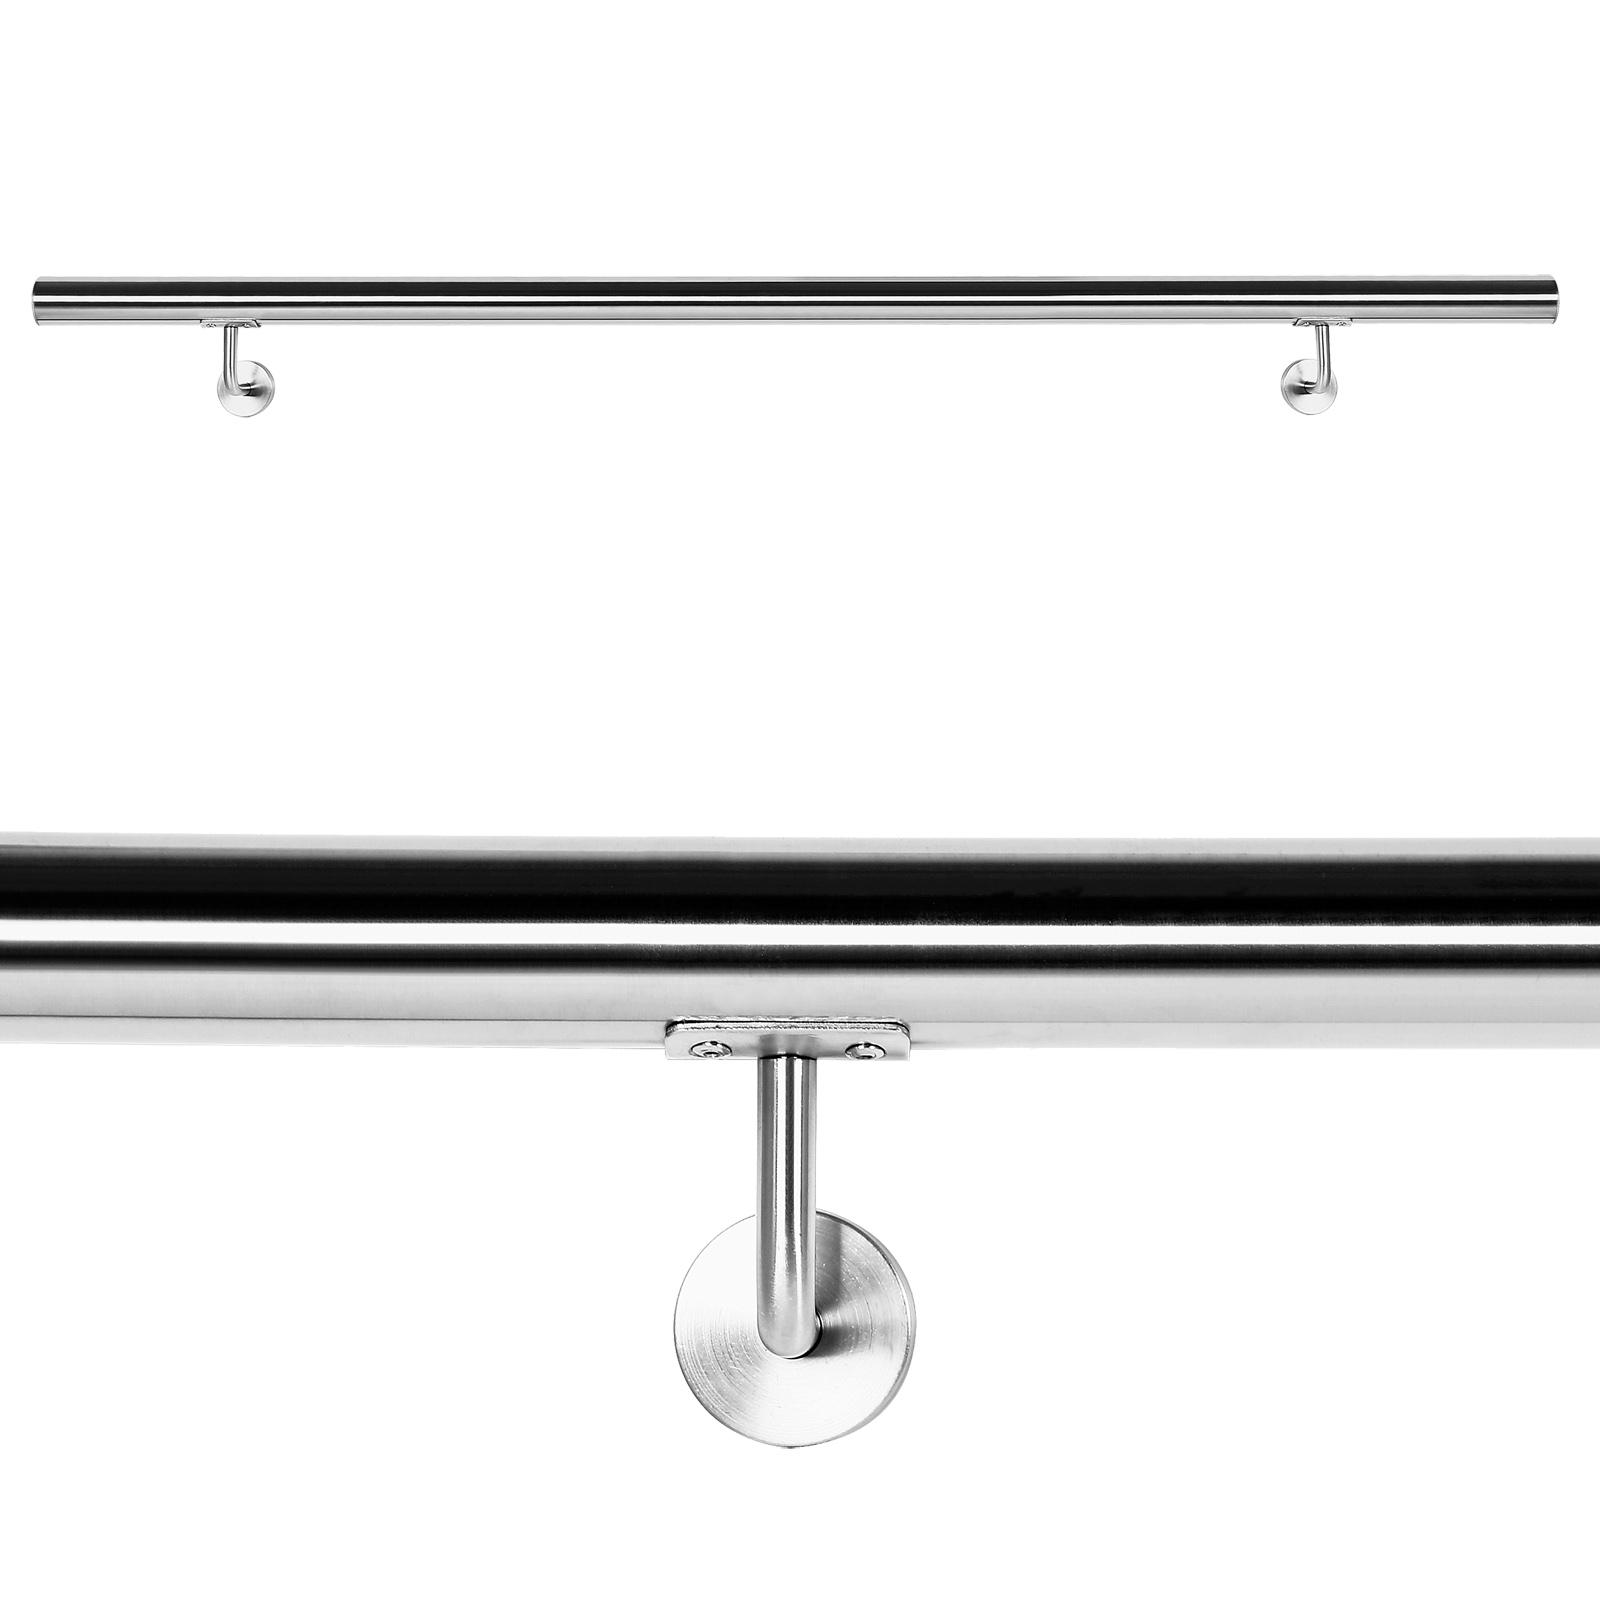 handlauf set wandhalter halterung gel nder treppe haltegriff edelstahl v2a ebay. Black Bedroom Furniture Sets. Home Design Ideas